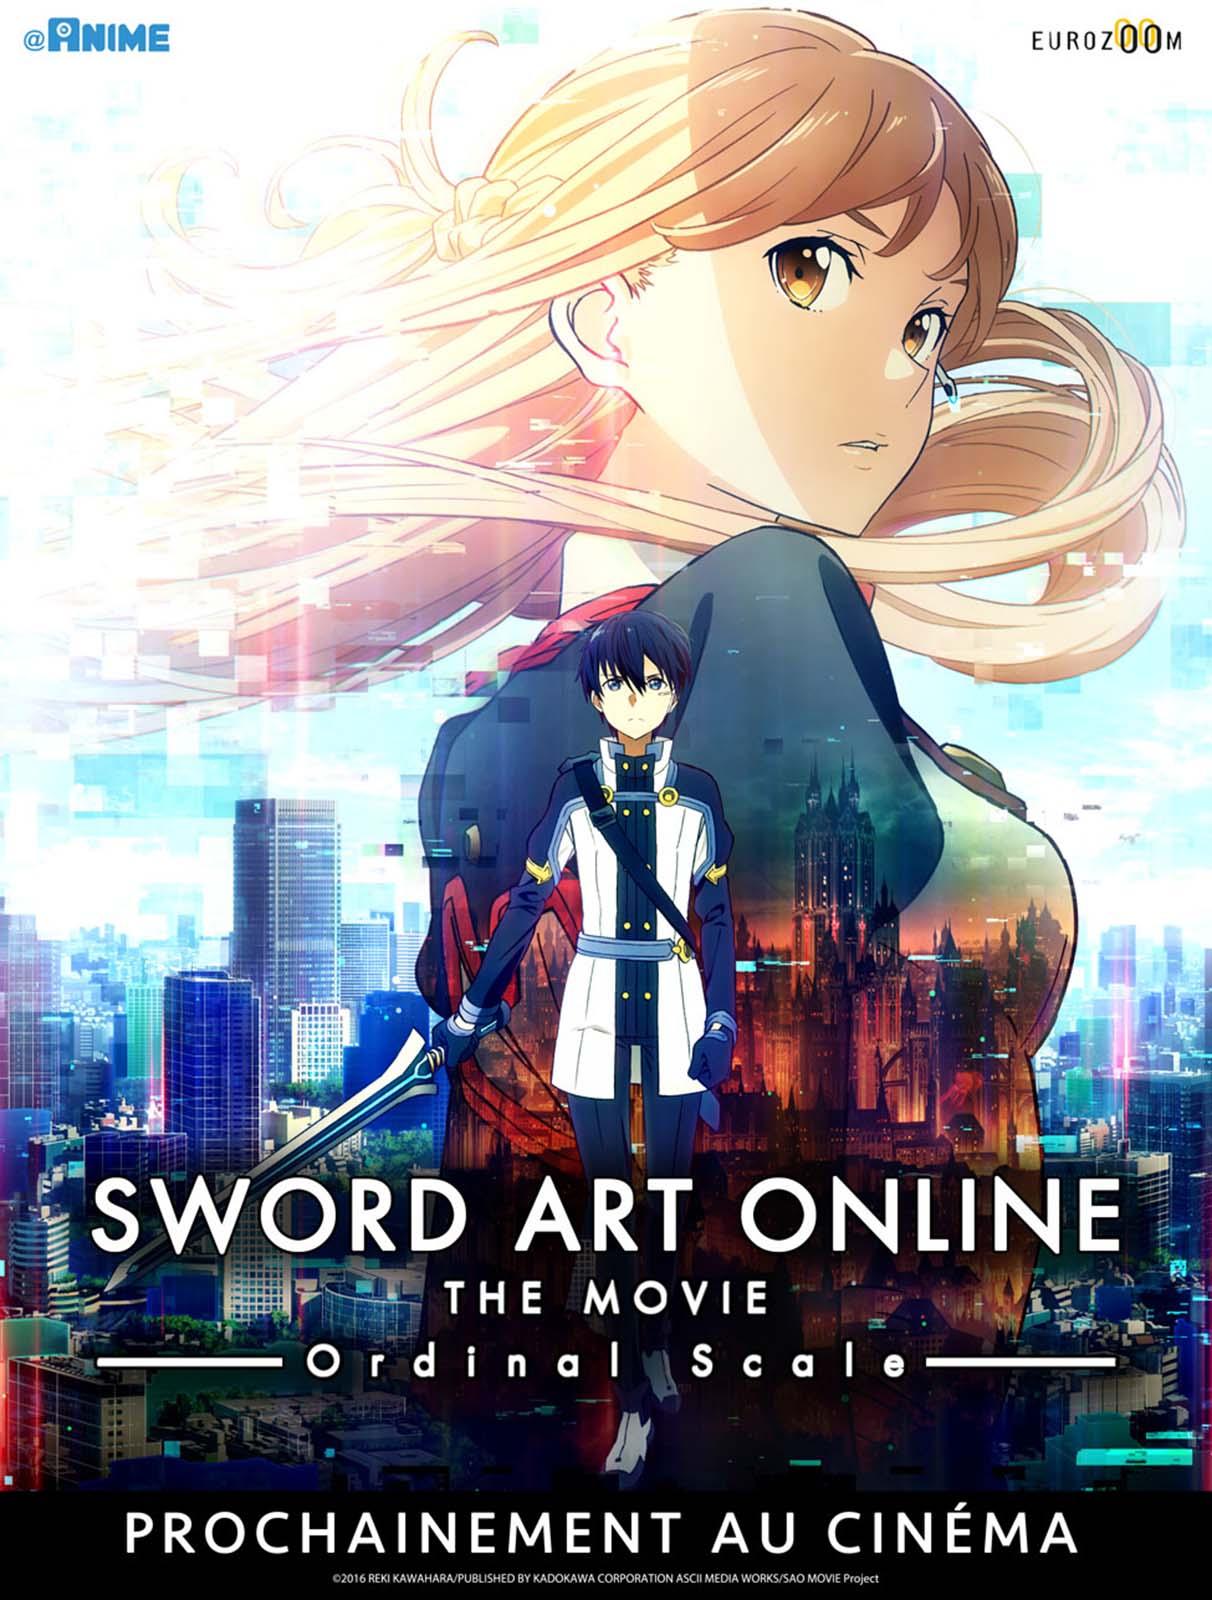 """Résultat de recherche d'images pour """"sword art online the movie ordinal scale"""""""